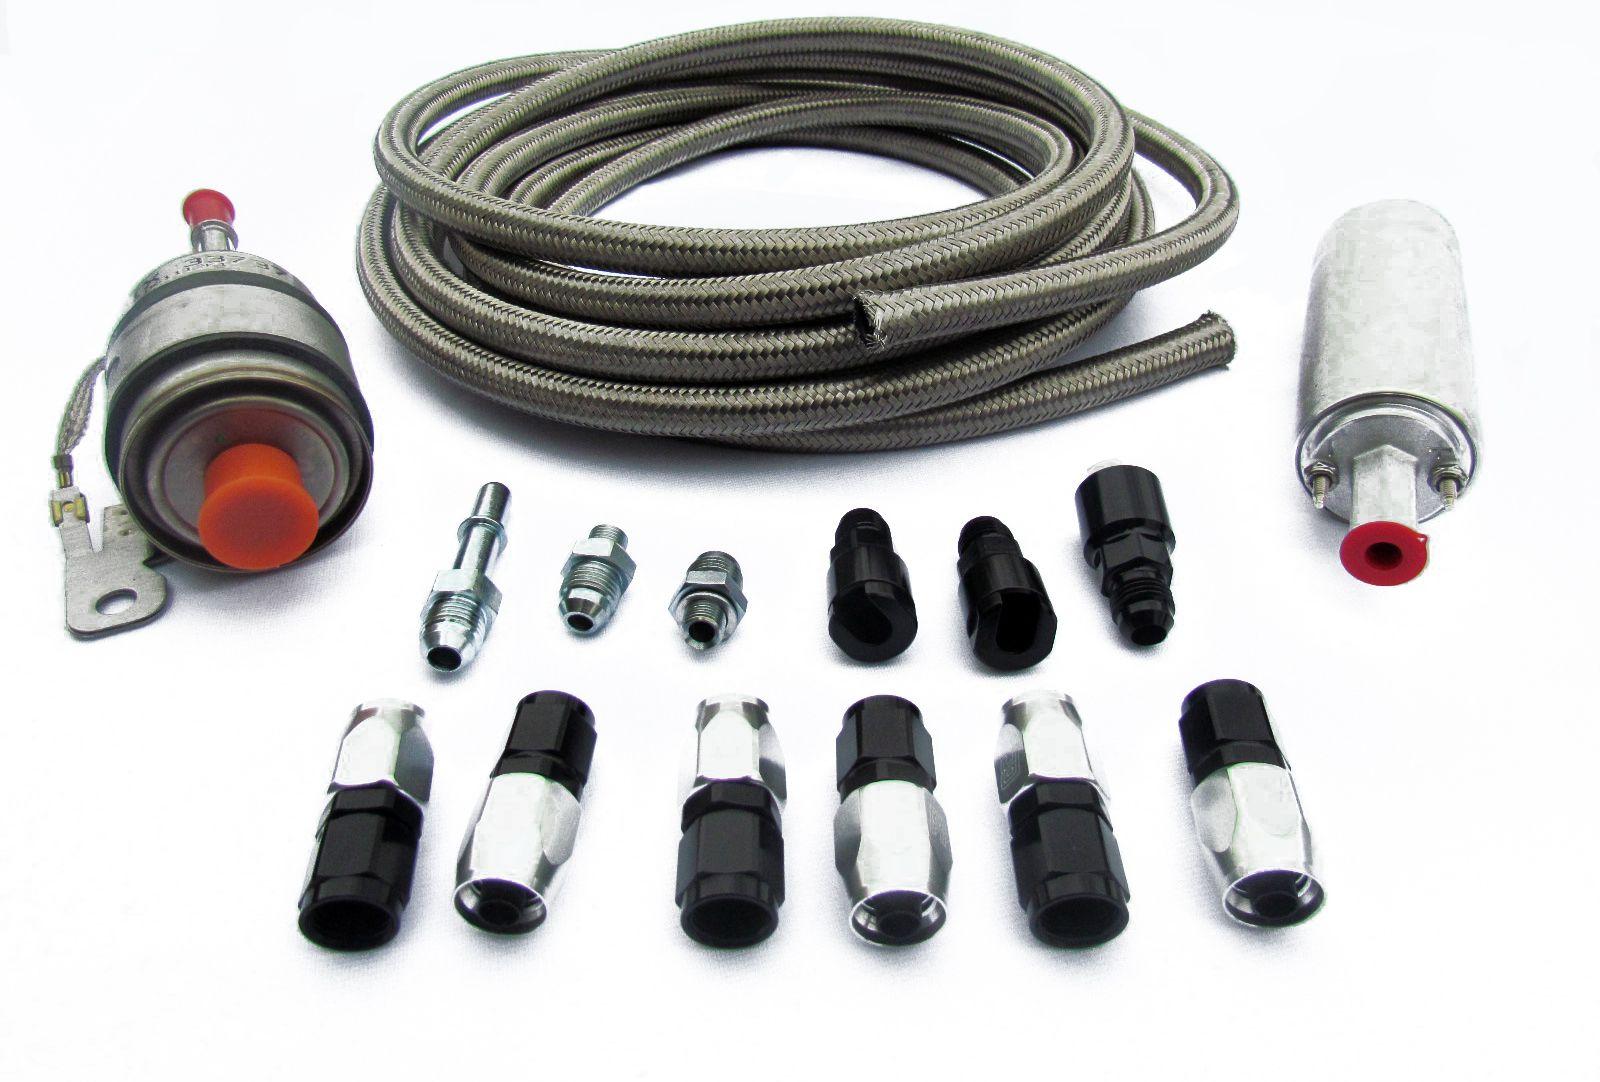 ls vortec external fuel pump kit efi conversion kits ls1 ls2 ls vortec external fuel pump kit efi conversion kits ls1